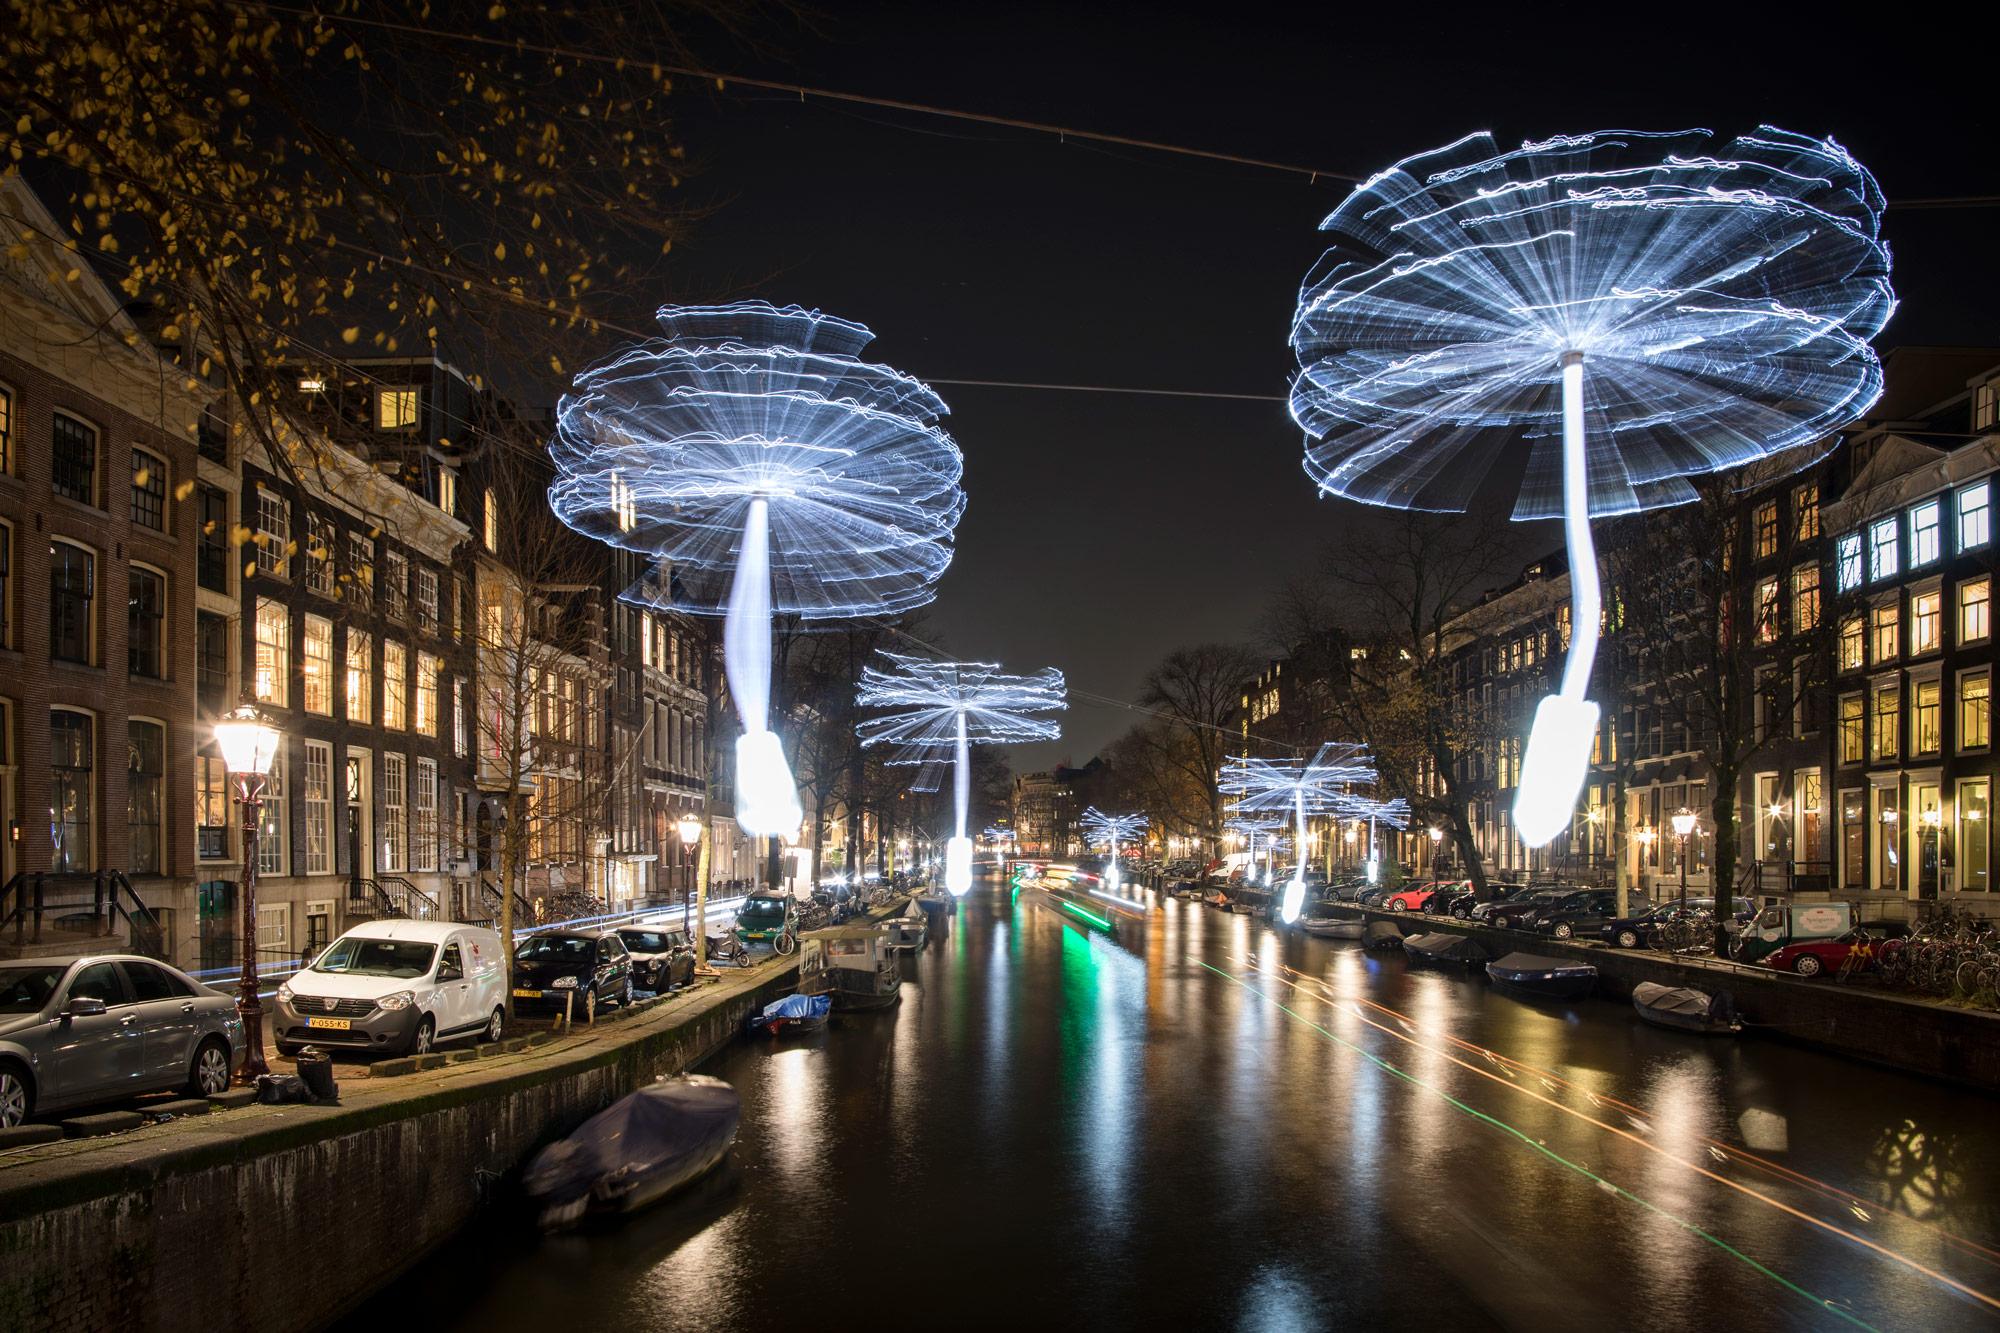 AmsterdamnLightFestival 10